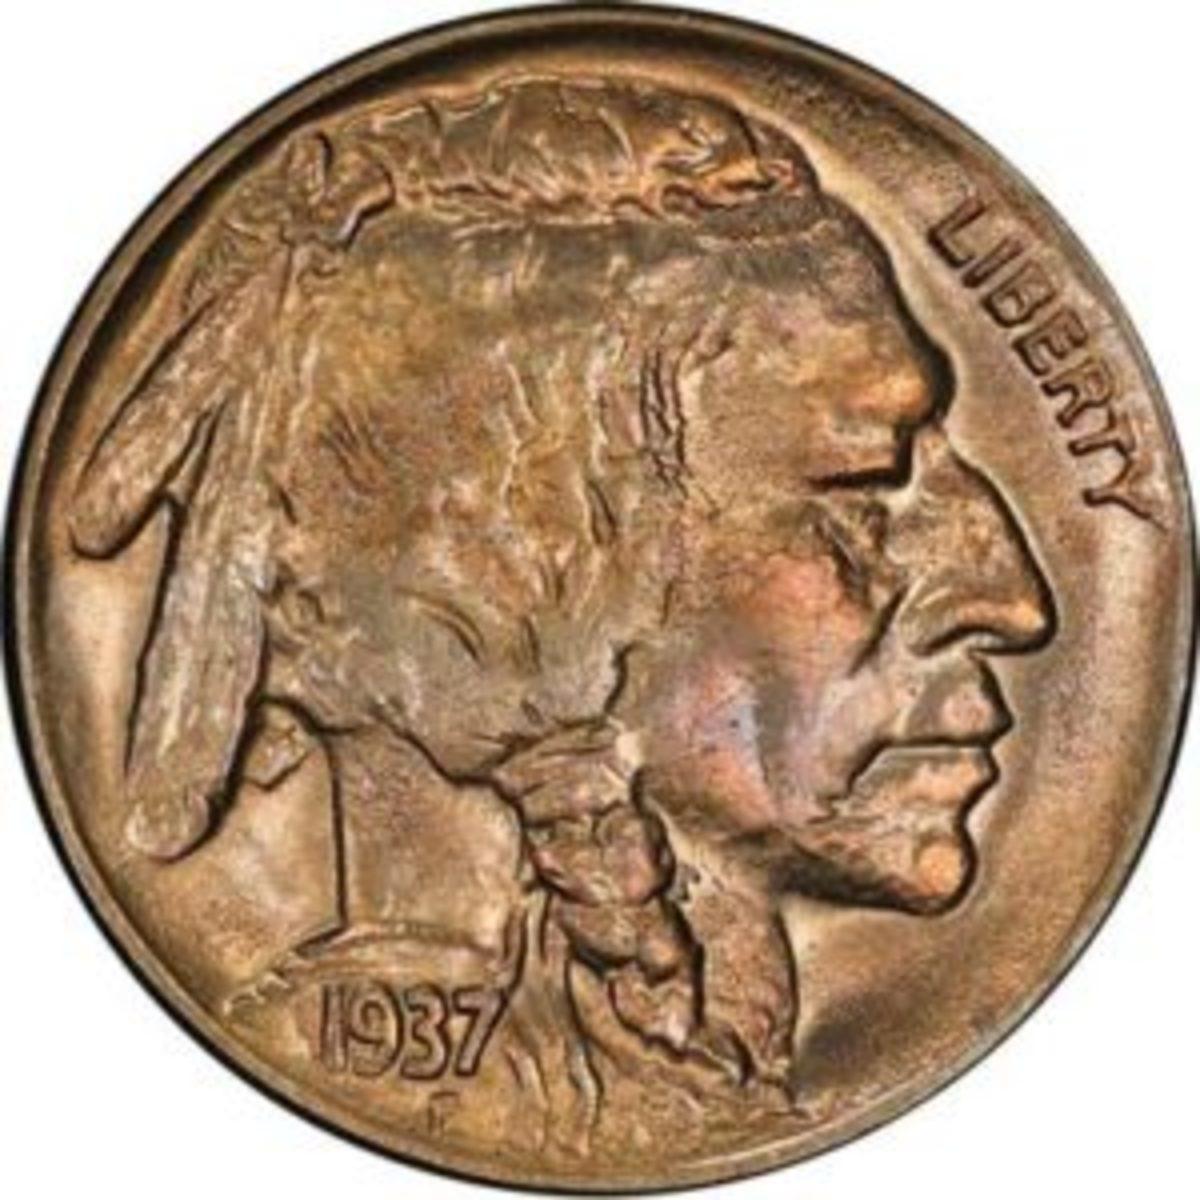 3 legged buffalo nickel